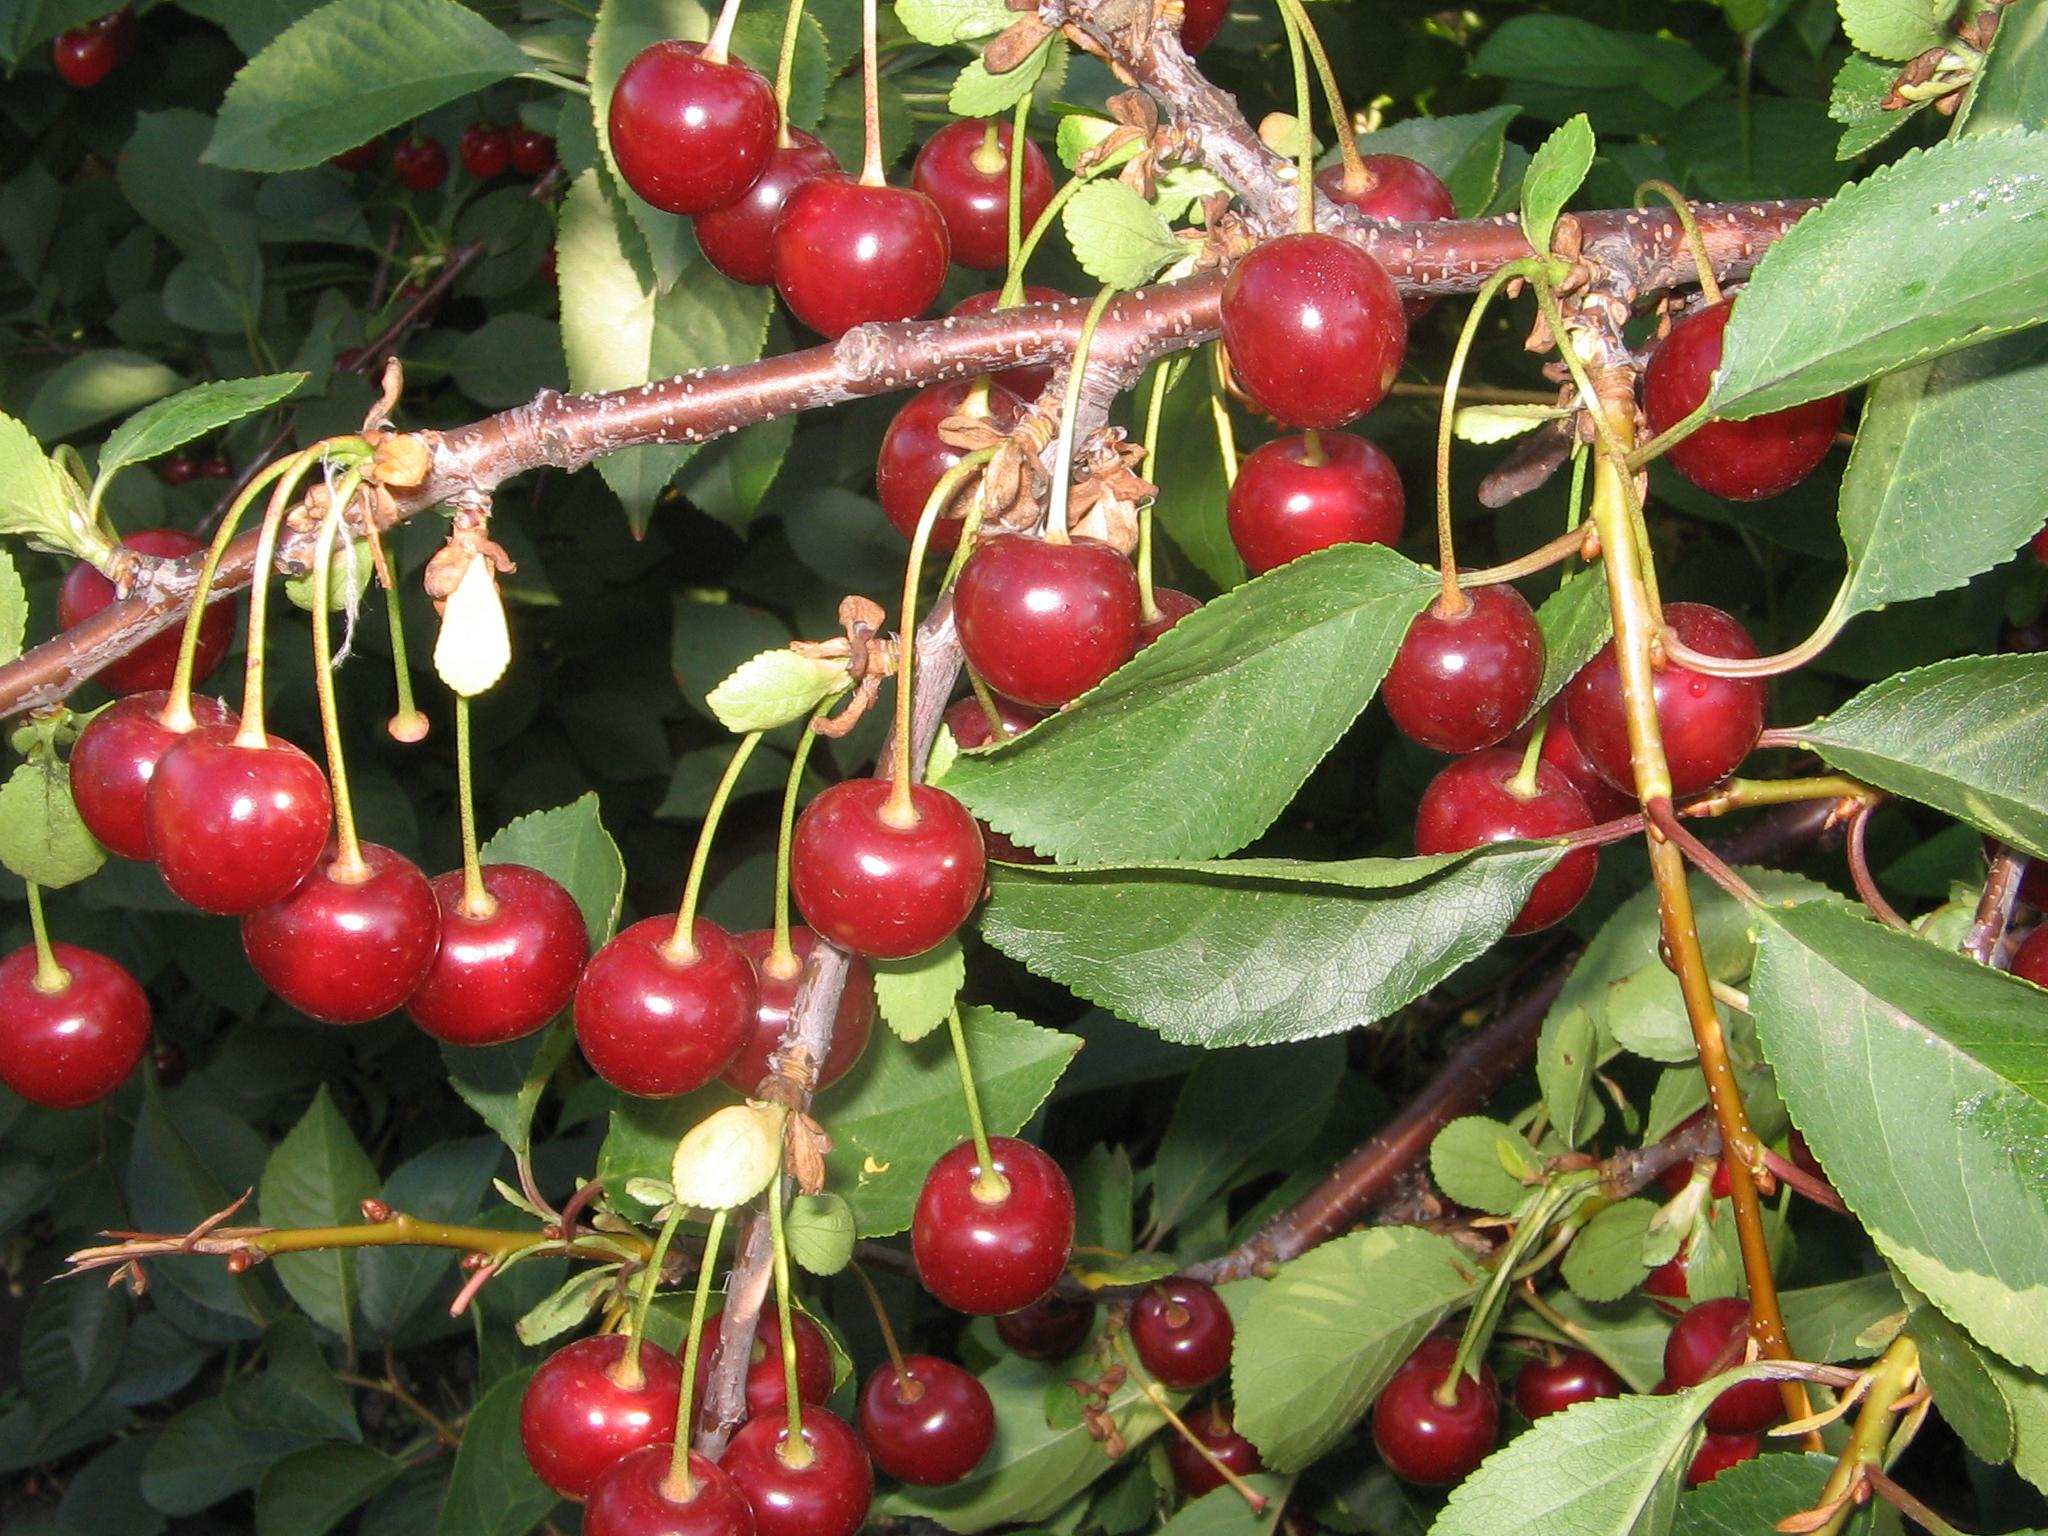 Описание сортов вишни для сибири и урала: наши советы садоводам этих регионов